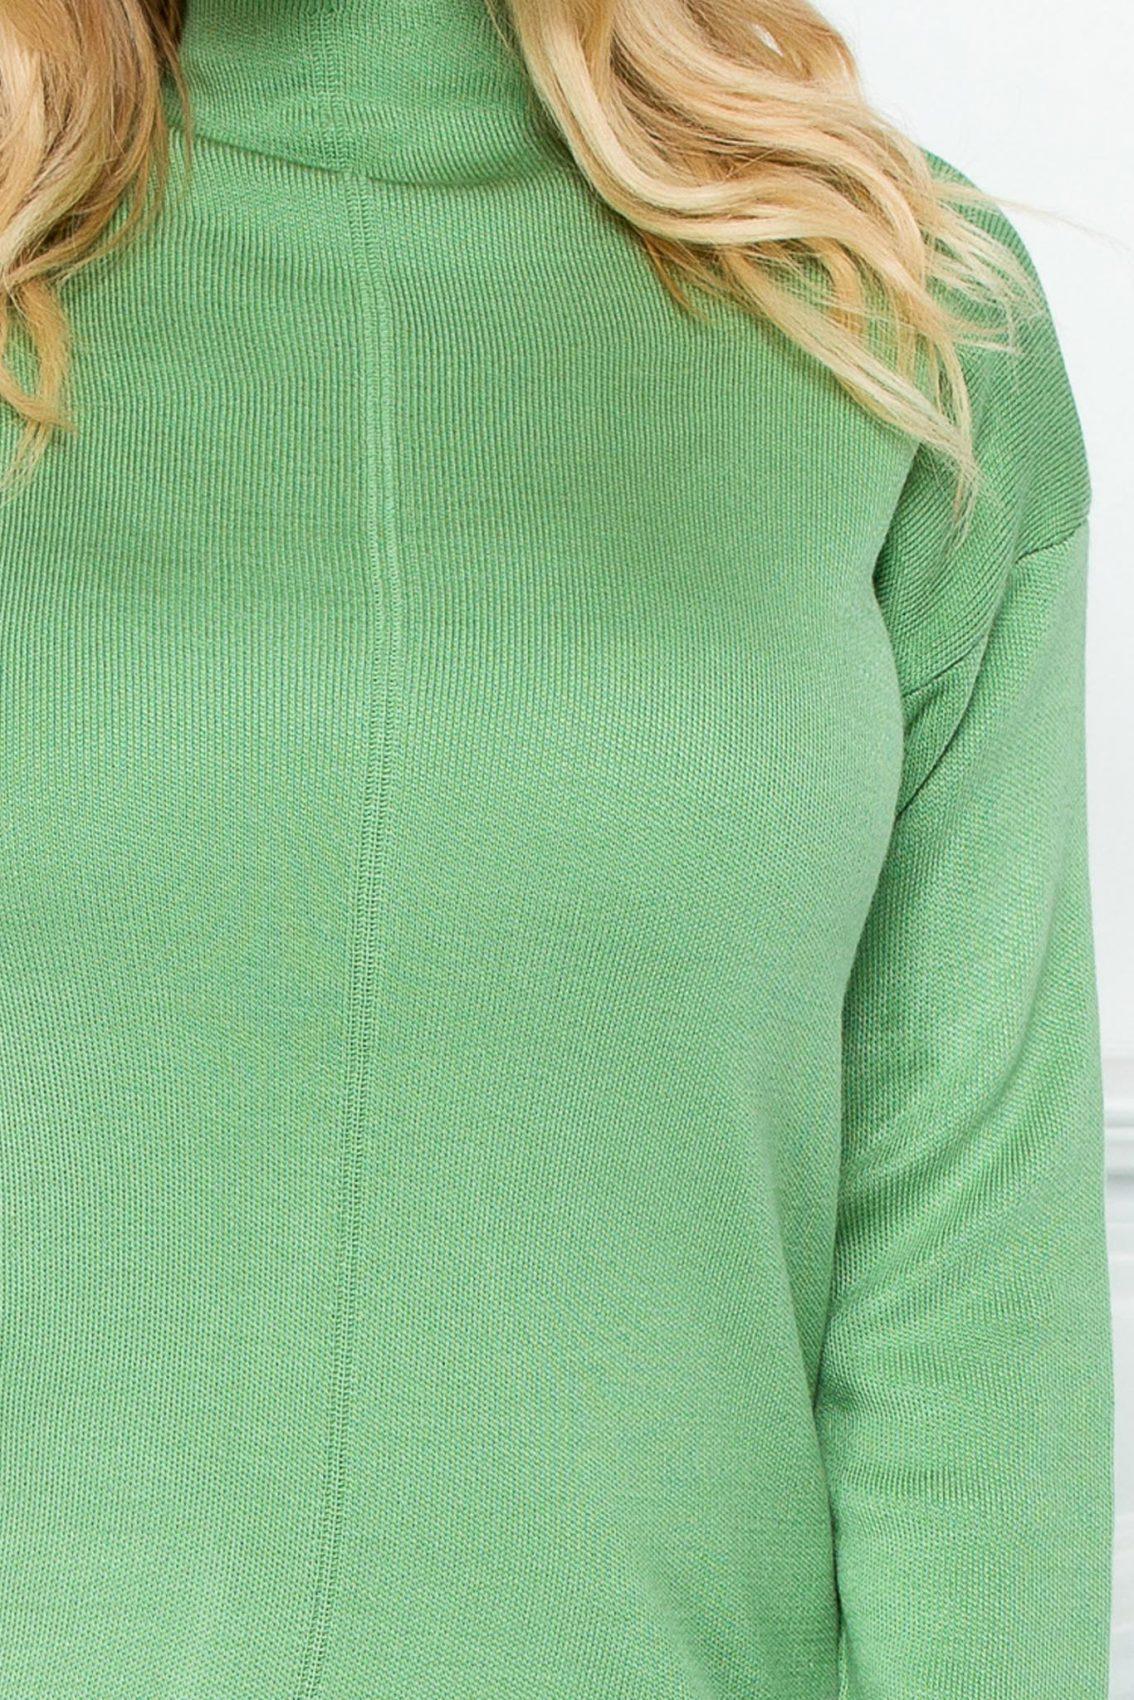 Πράσινο Πλεκτό Σετ Μπλούζα Με Παντελόνι Arabel 9220 2